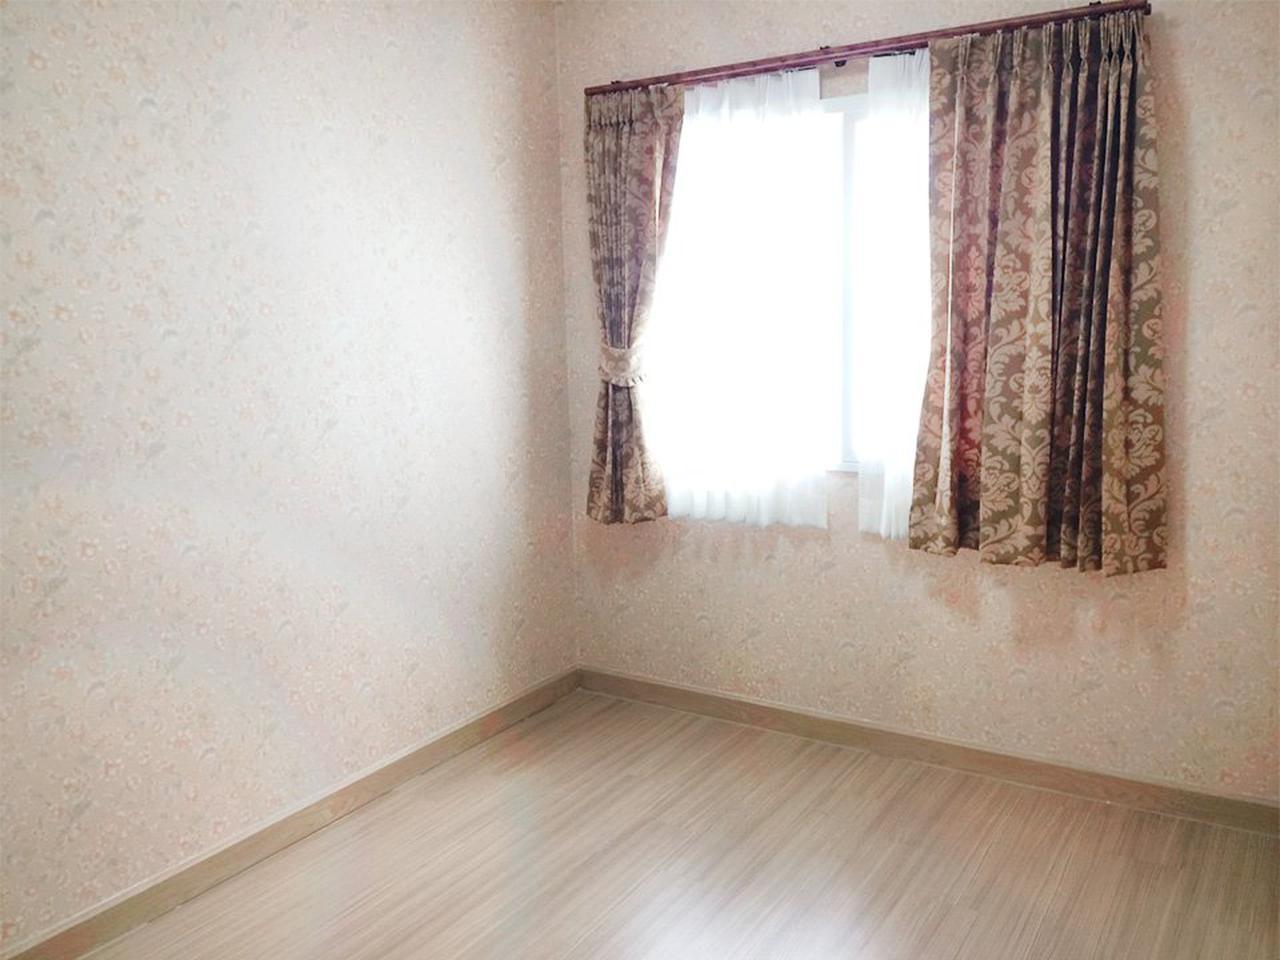 ขายบ้านทาวน์โฮม 2 ชั้น (หลังมุม) ราคาถูก ต่อรองได้ รูปที่ 5